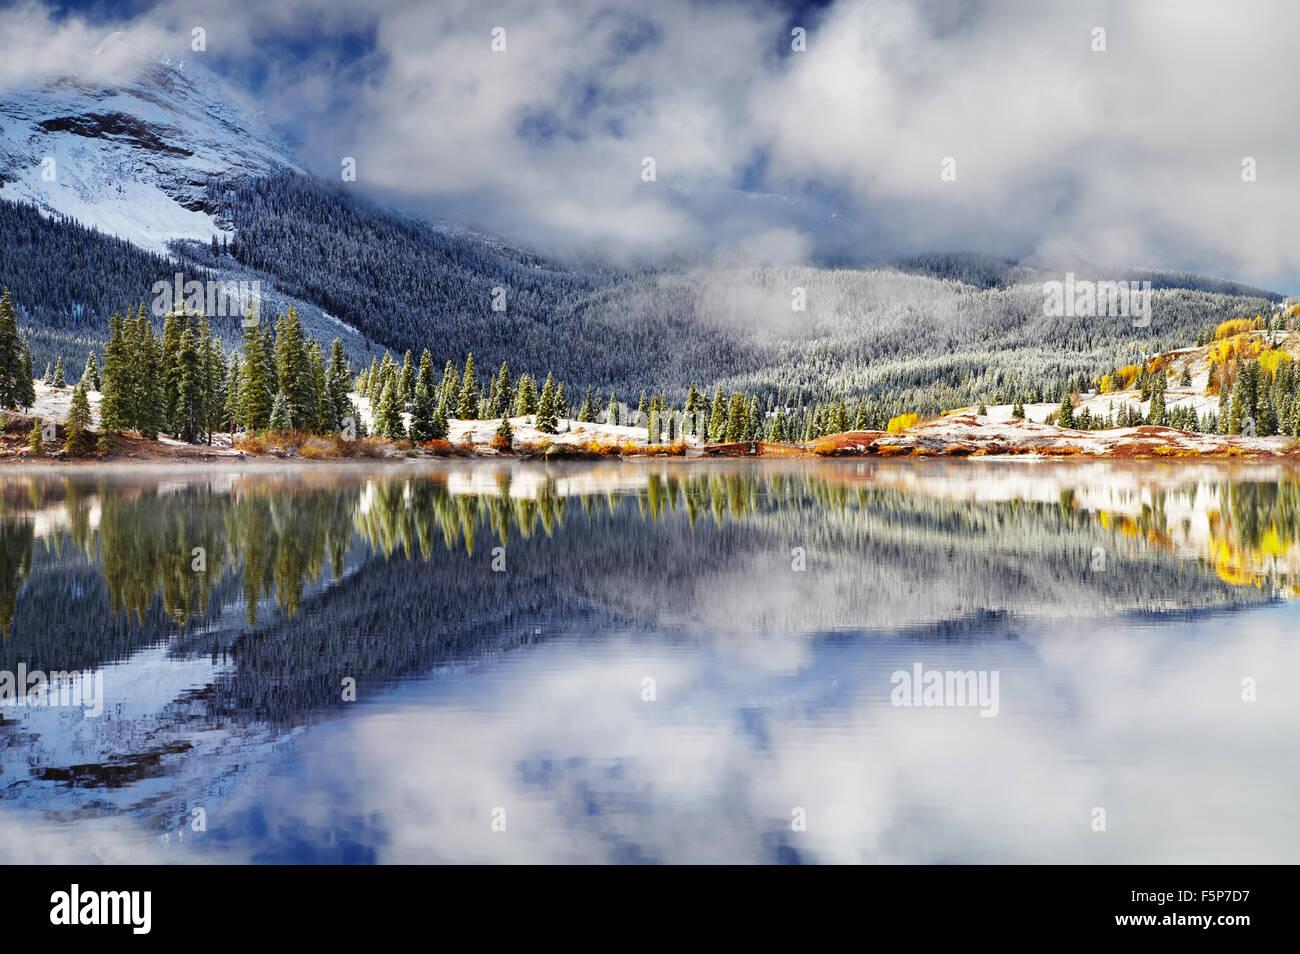 Lago de montaña después de la tormenta de nieve. Molas lago, montañas de San Juan, Colorado, EE.UU. Imagen De Stock